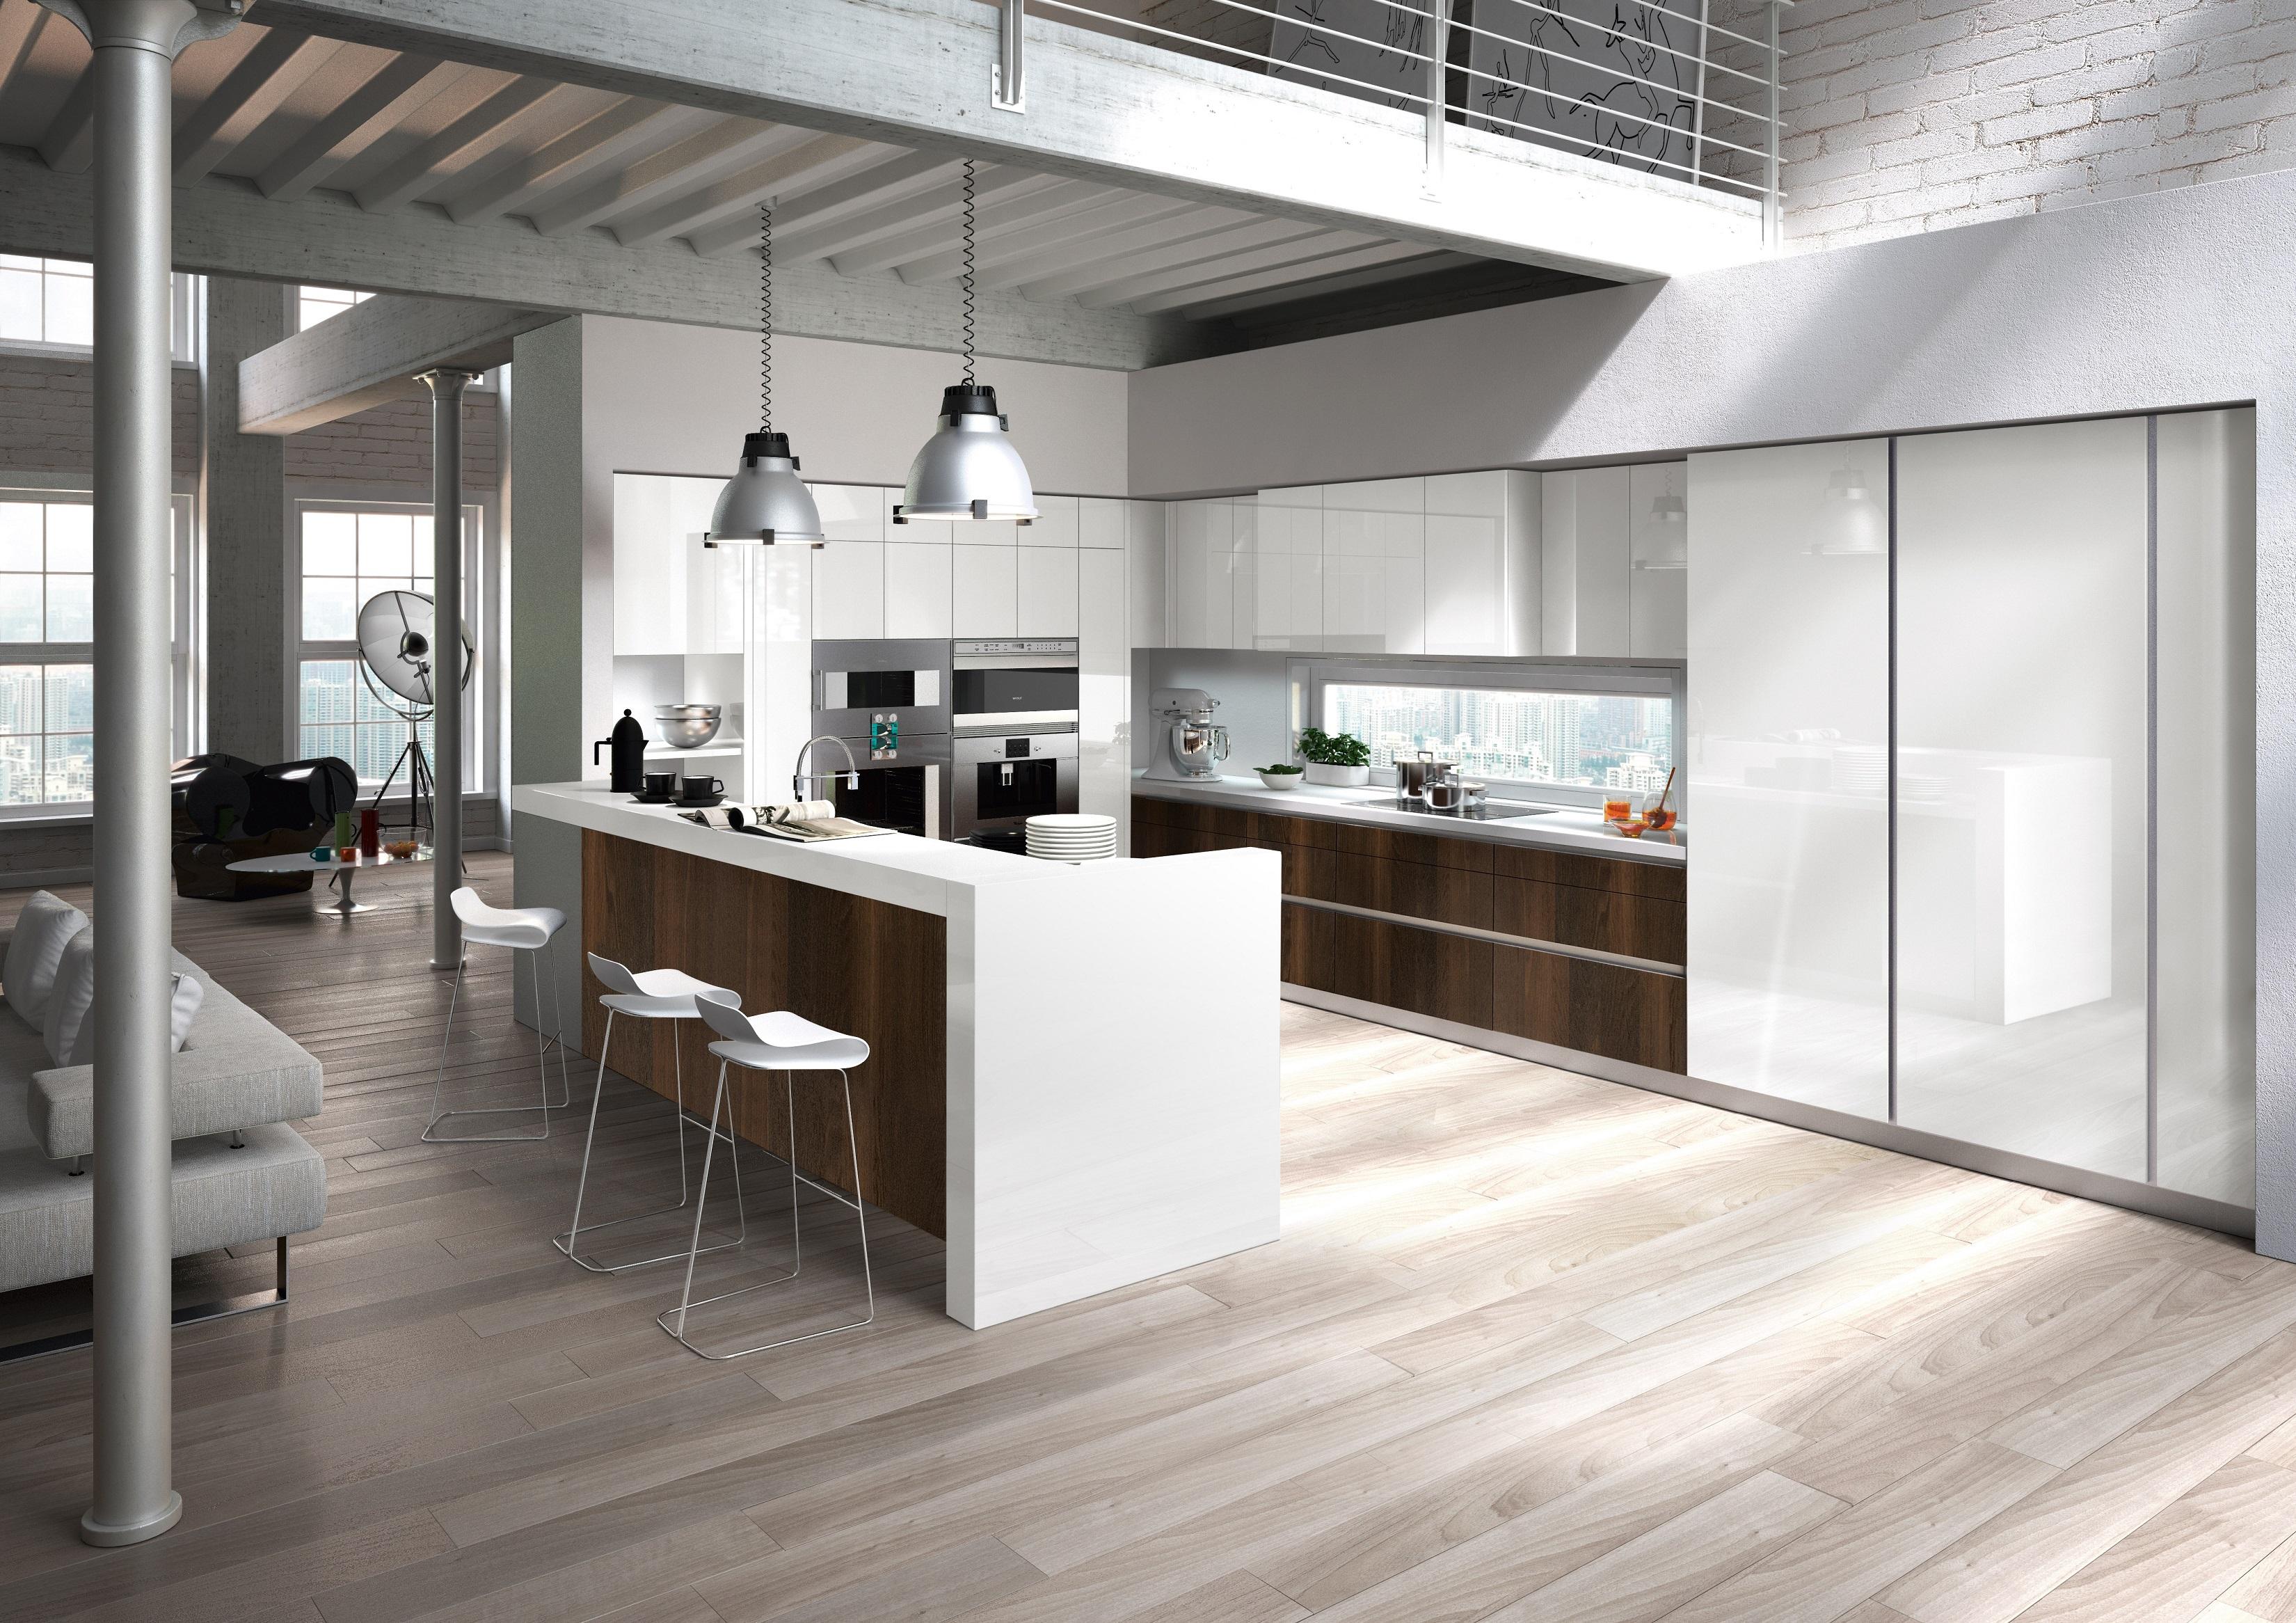 studio snaidero bay area sausalito california ca. Black Bedroom Furniture Sets. Home Design Ideas